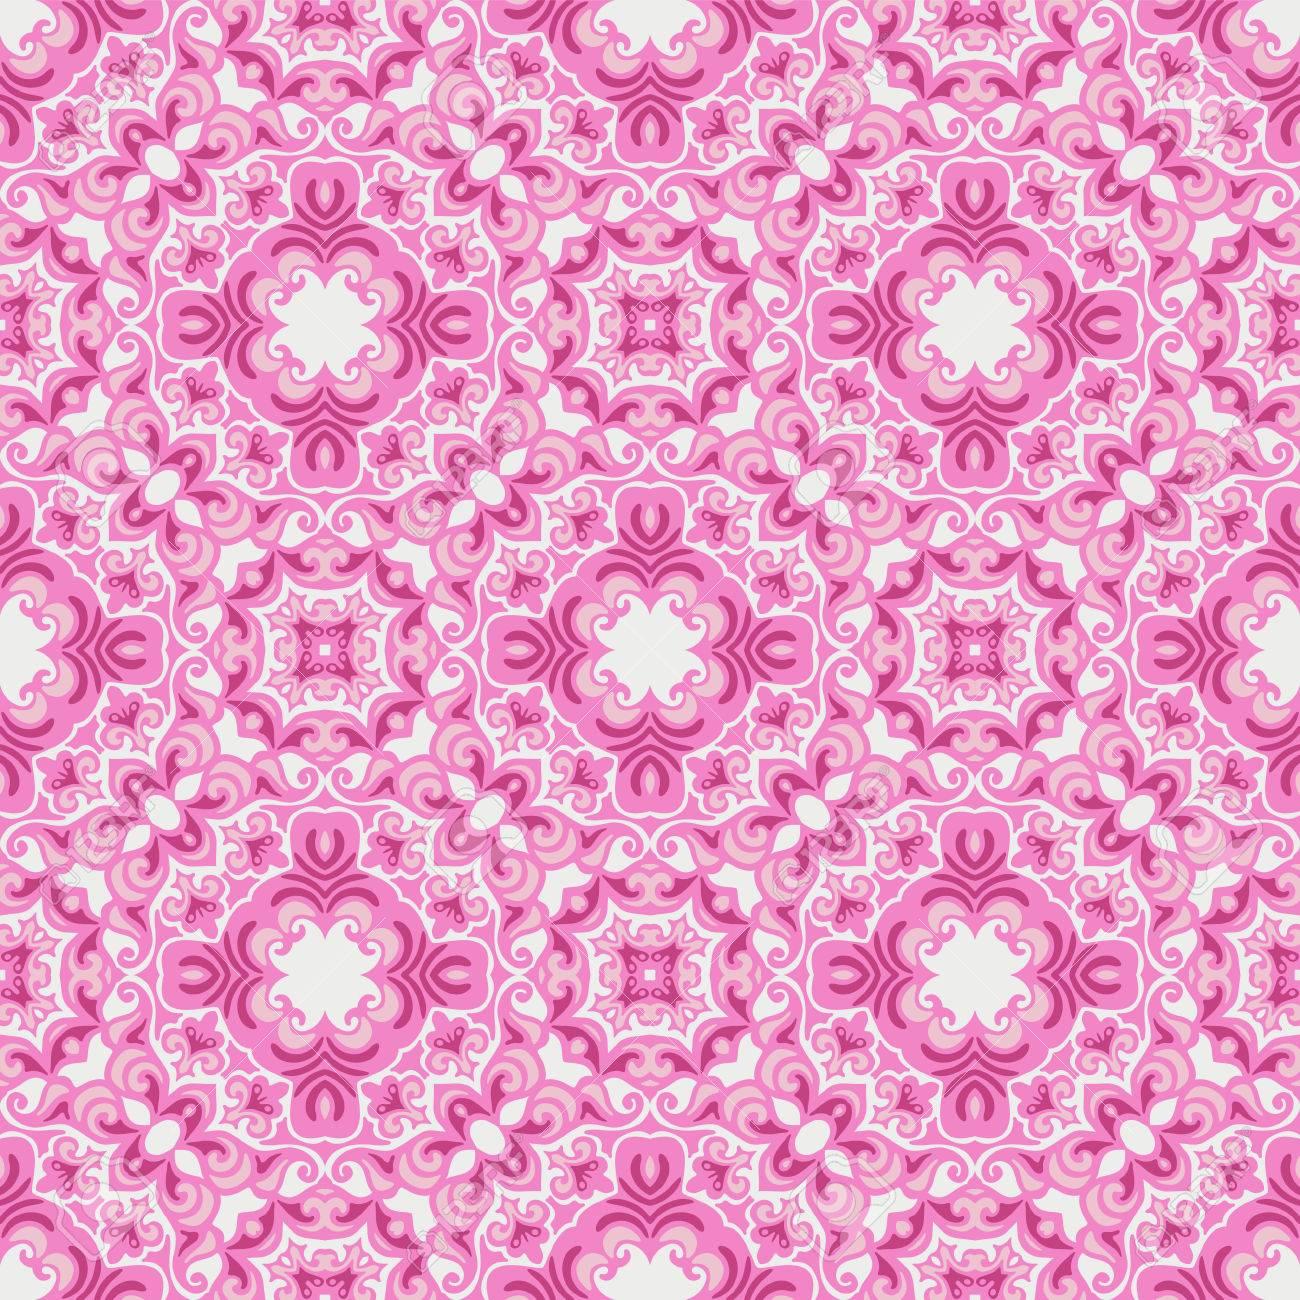 foto de archivo patrn de azulejos de color rosa transparente abstracta de mosaico